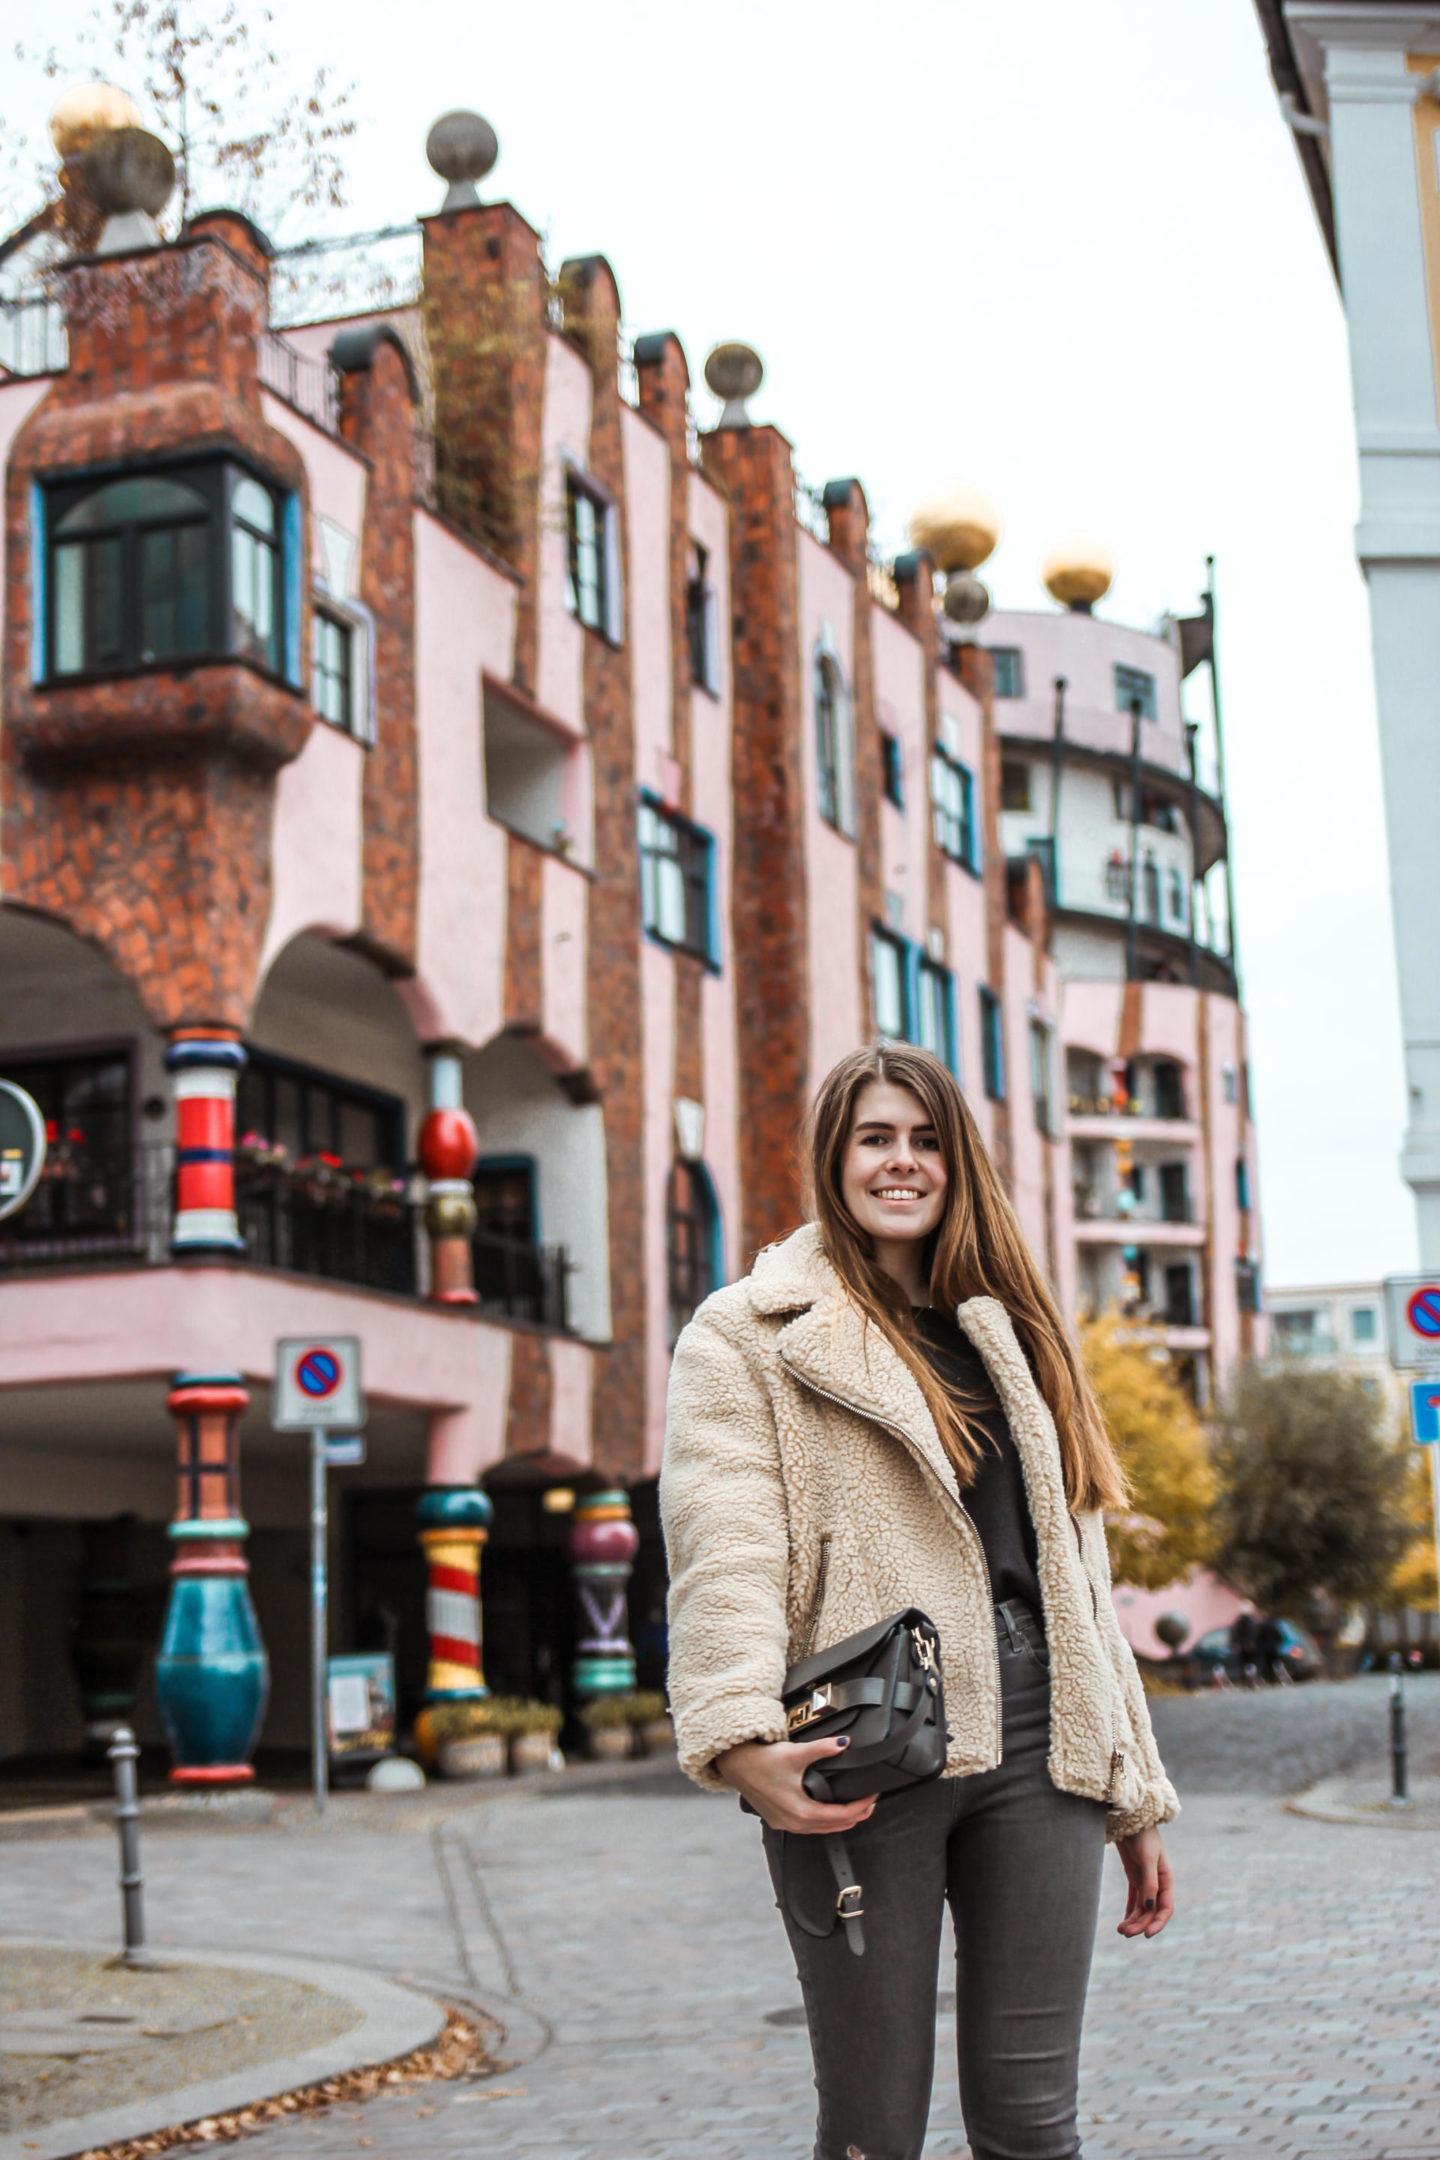 Attraktiv Grauer Mantel Kombinieren Foto Von Der Teddy – Nicht Einfach Nur Ein